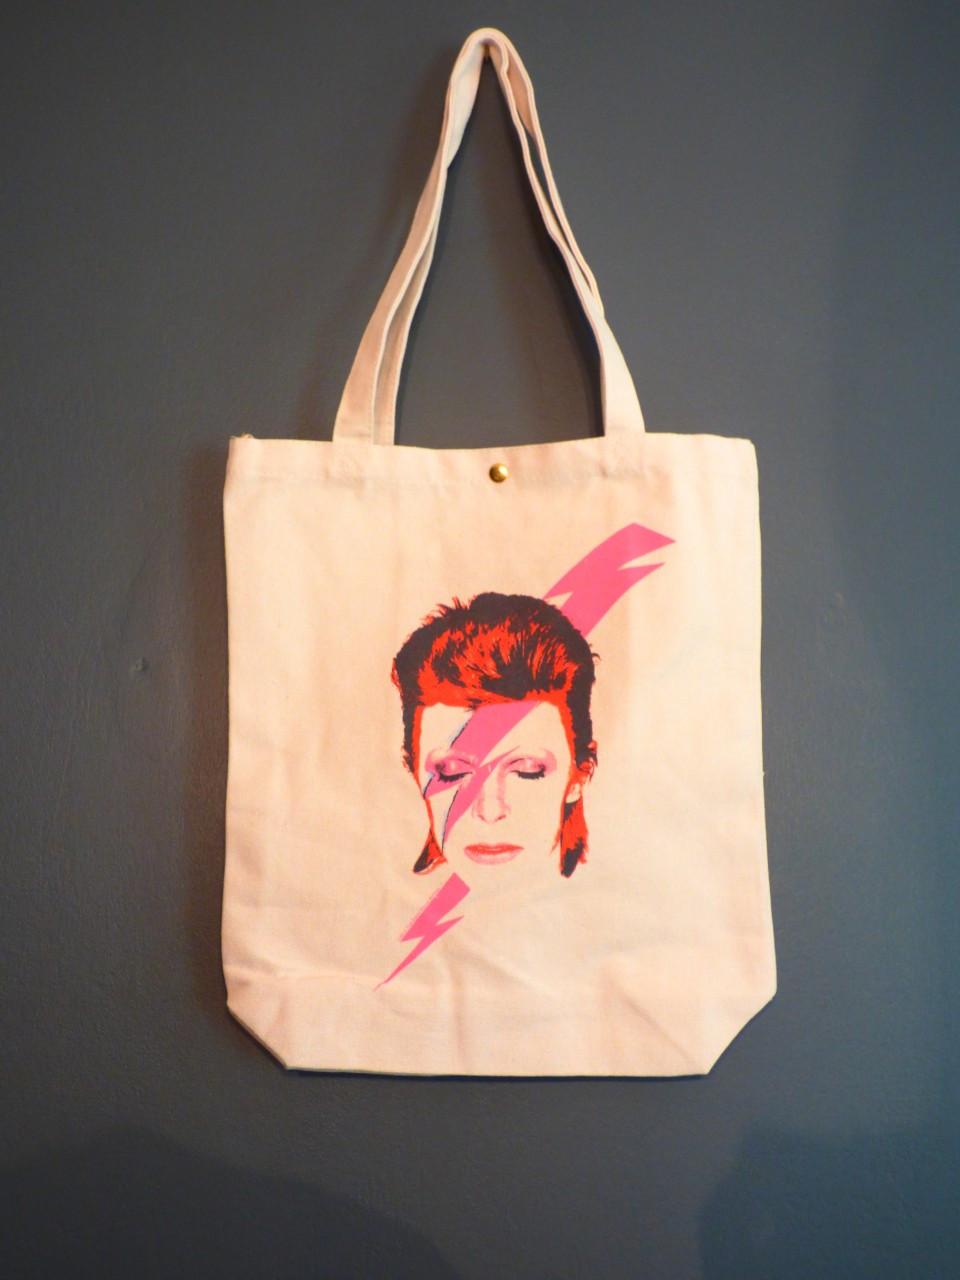 David Bowie Aladdin Sane blue pink lightening Lightning Bolt Tote Bag Black